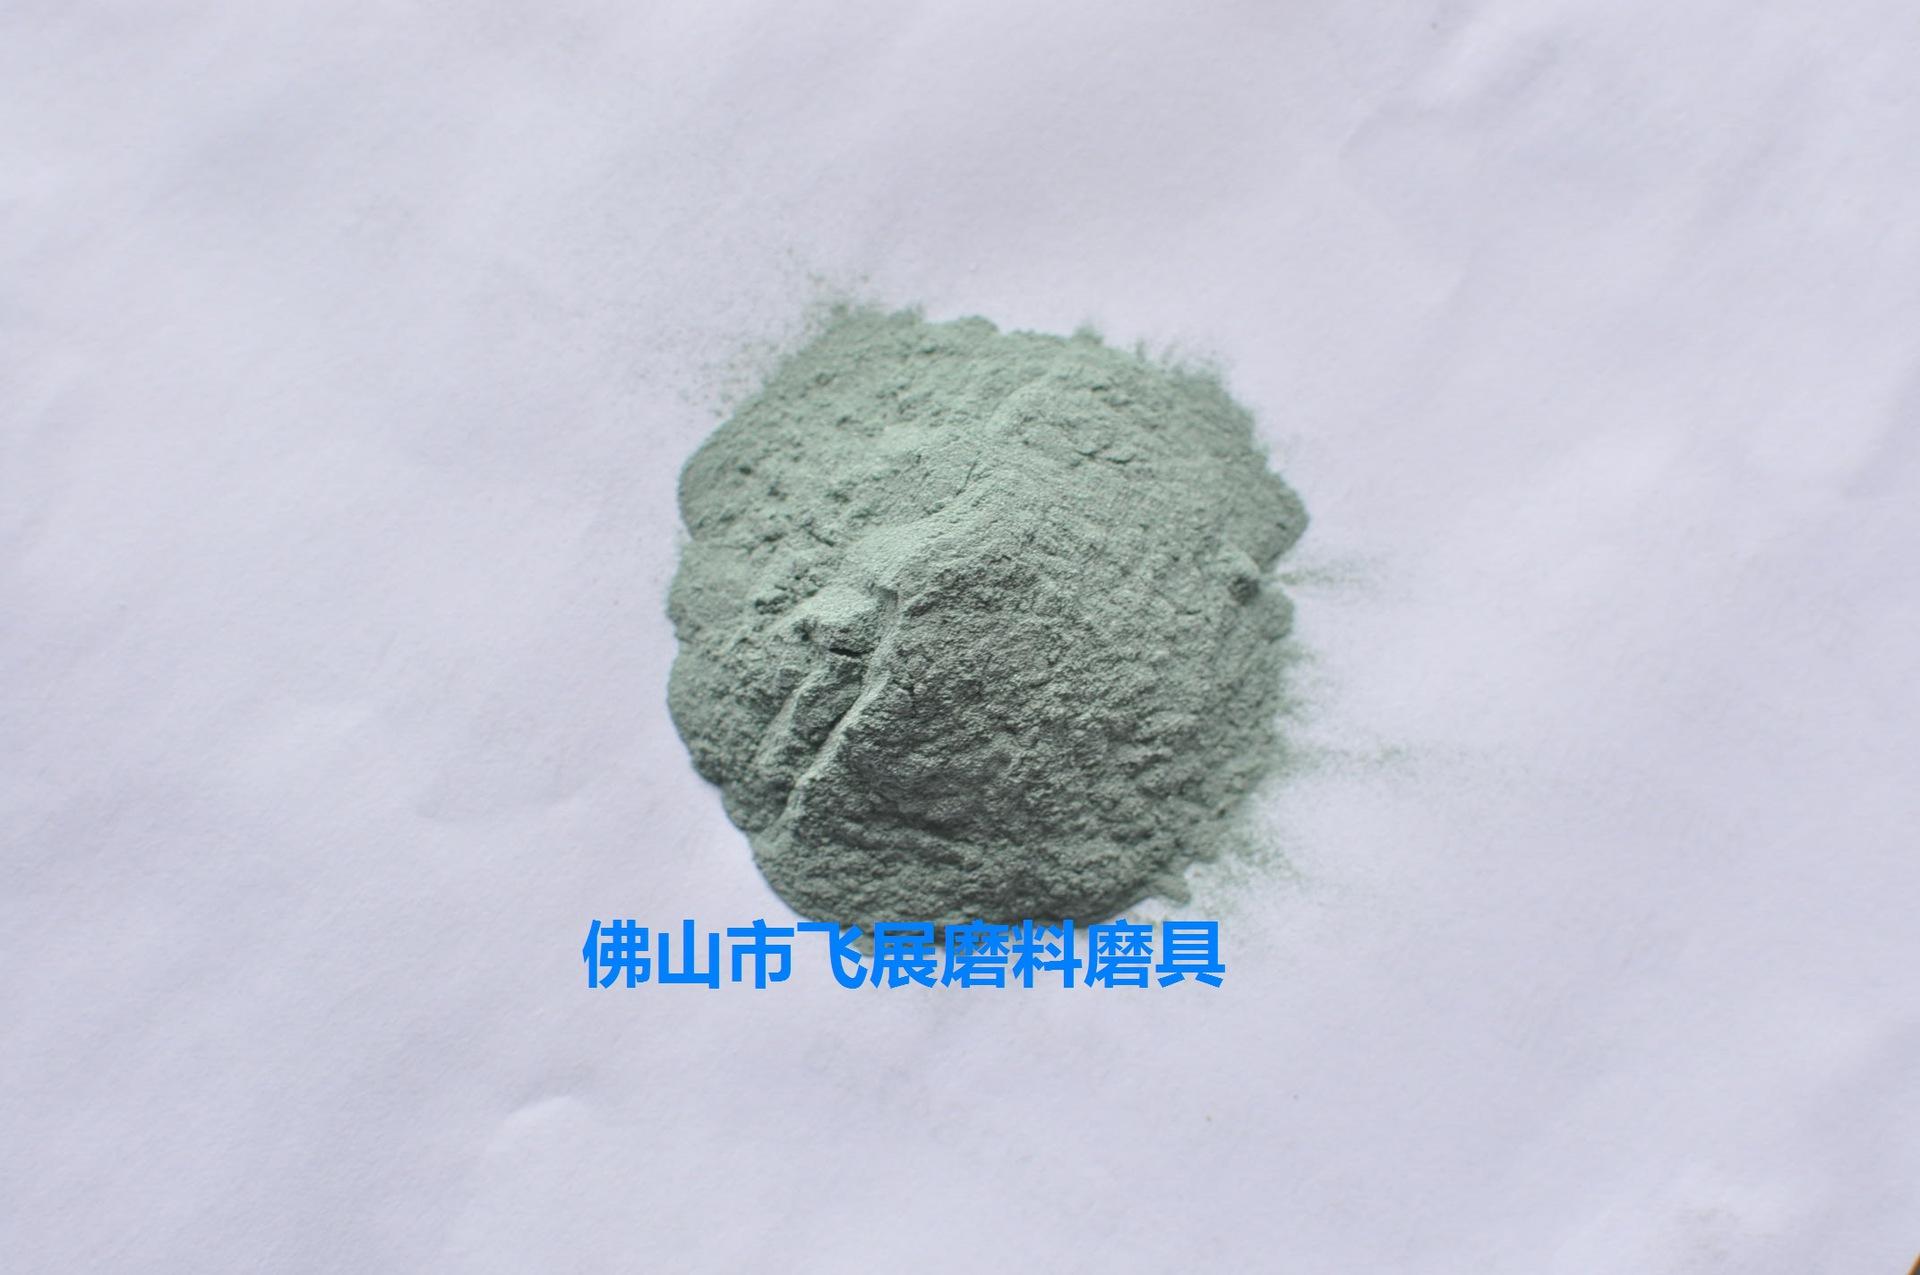 飞展供应黑绿碳化硅刚玉微粉抛光砂微粉金刚砂研磨久磨材料